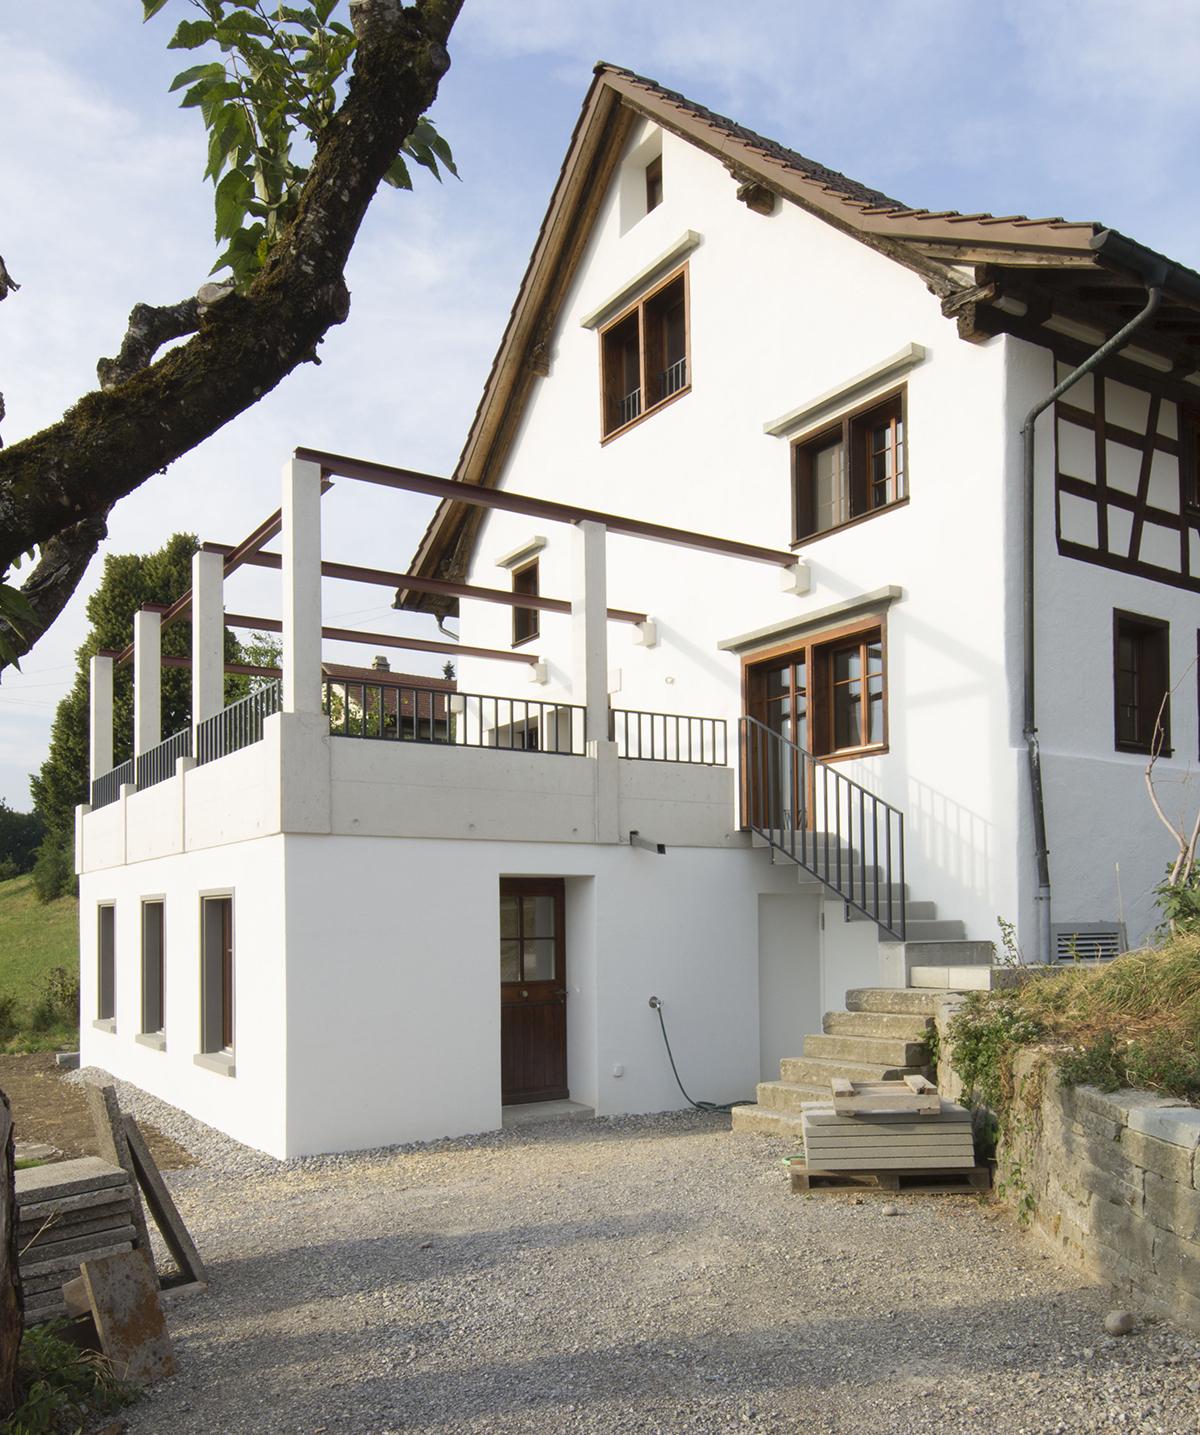 Blick von Süden auf das Haus mit neuer Pergola